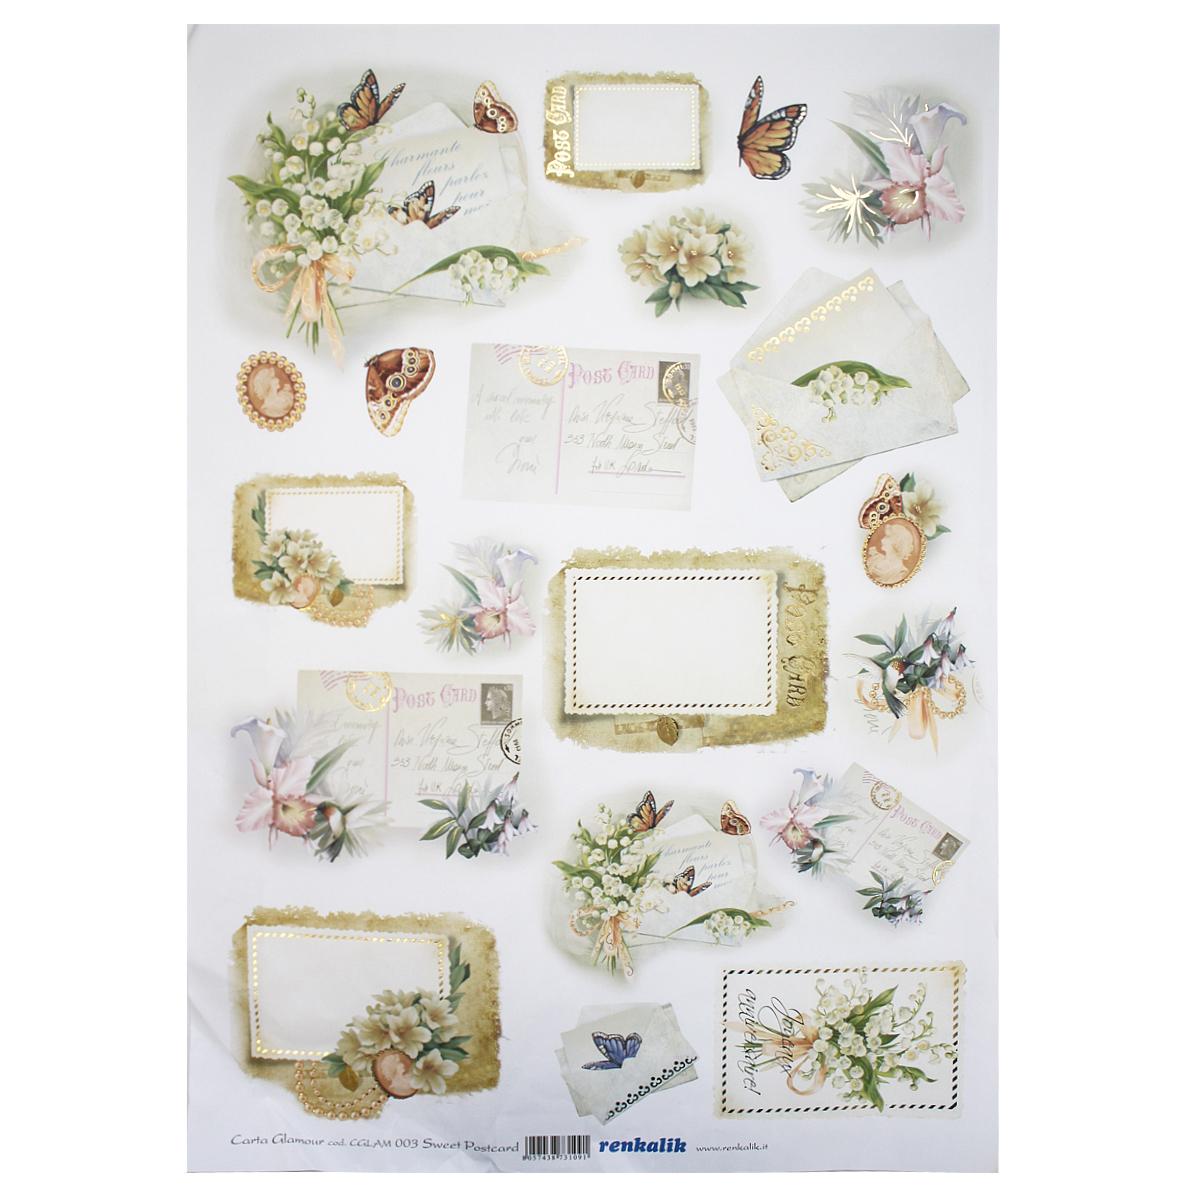 Рисовая бумага для декупажа Renkalik Почтовые конверты, 35 х 50 см7716542Бумага для декупажа Renkalik предназначена для декорирования предметов. Имеет в составе прожилки риса, которые очень красиво смотрятся на декорируемом изделии, придают ему неповторимую фактуру и создают эффект нанесенного кистью рисунка. Подходит для декора в технике декупаж на стекле, дереве, пластике, металле и любых других поверхностях. Плотность бумаги: 25 г/м2.